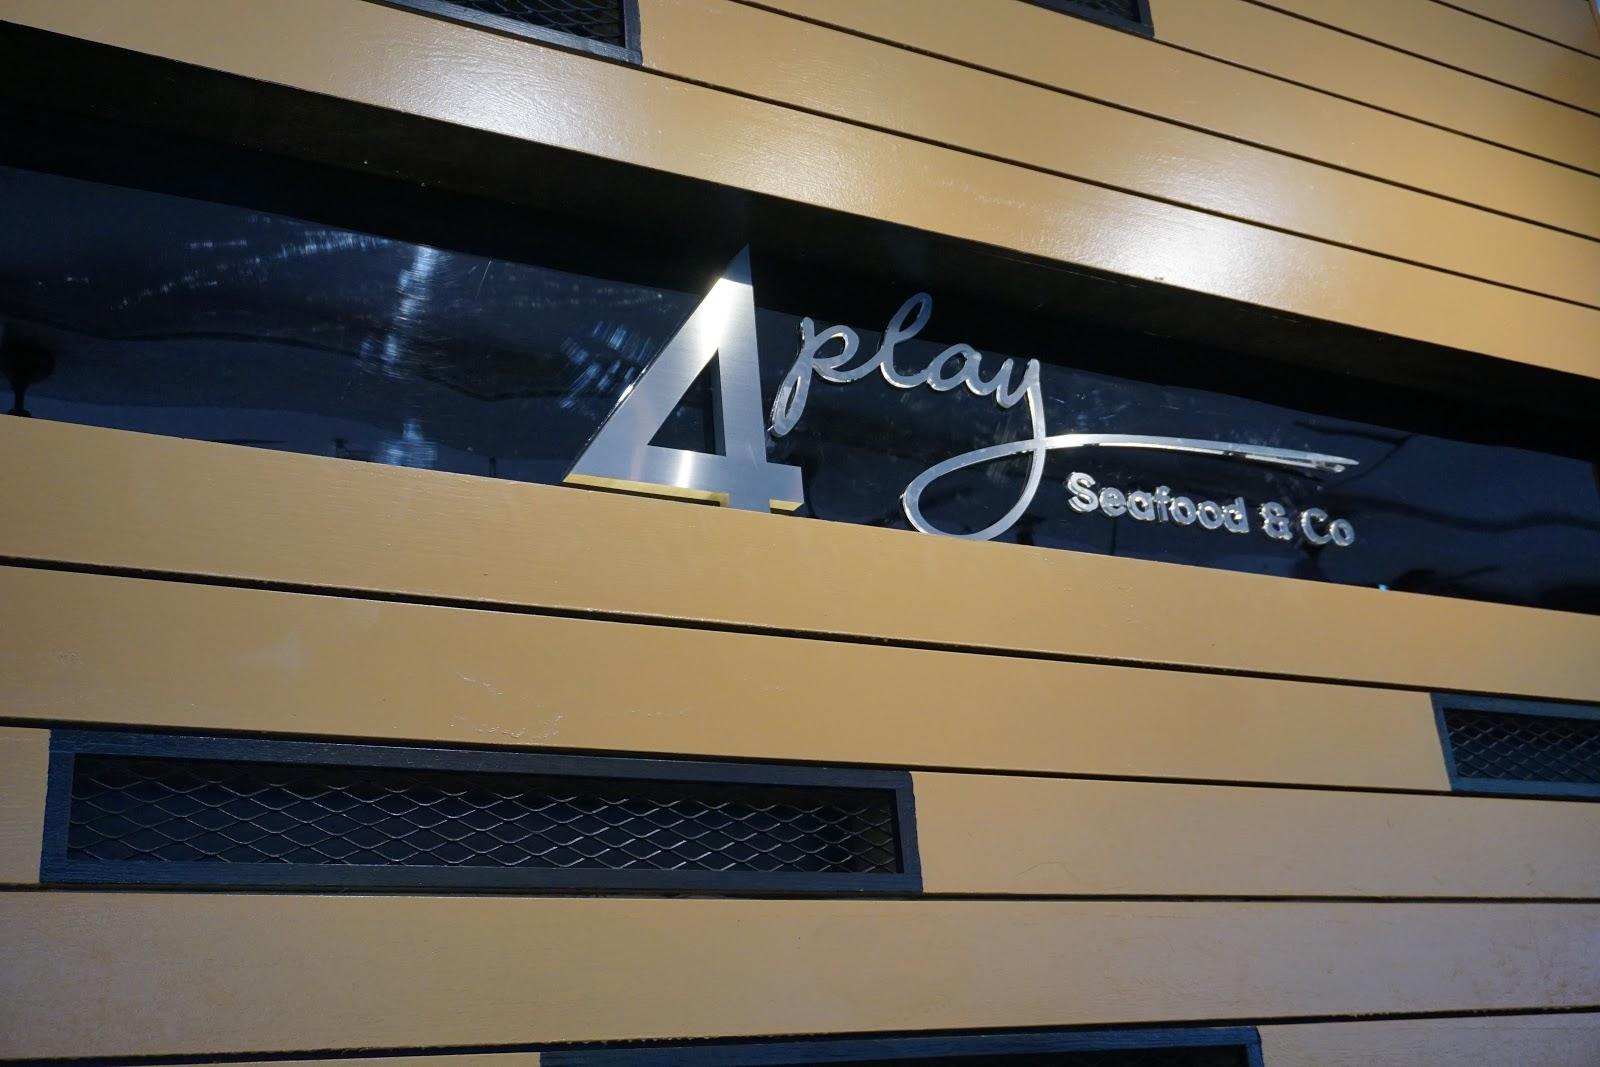 4PLAY SEAFOOD & CO PUBLIKA